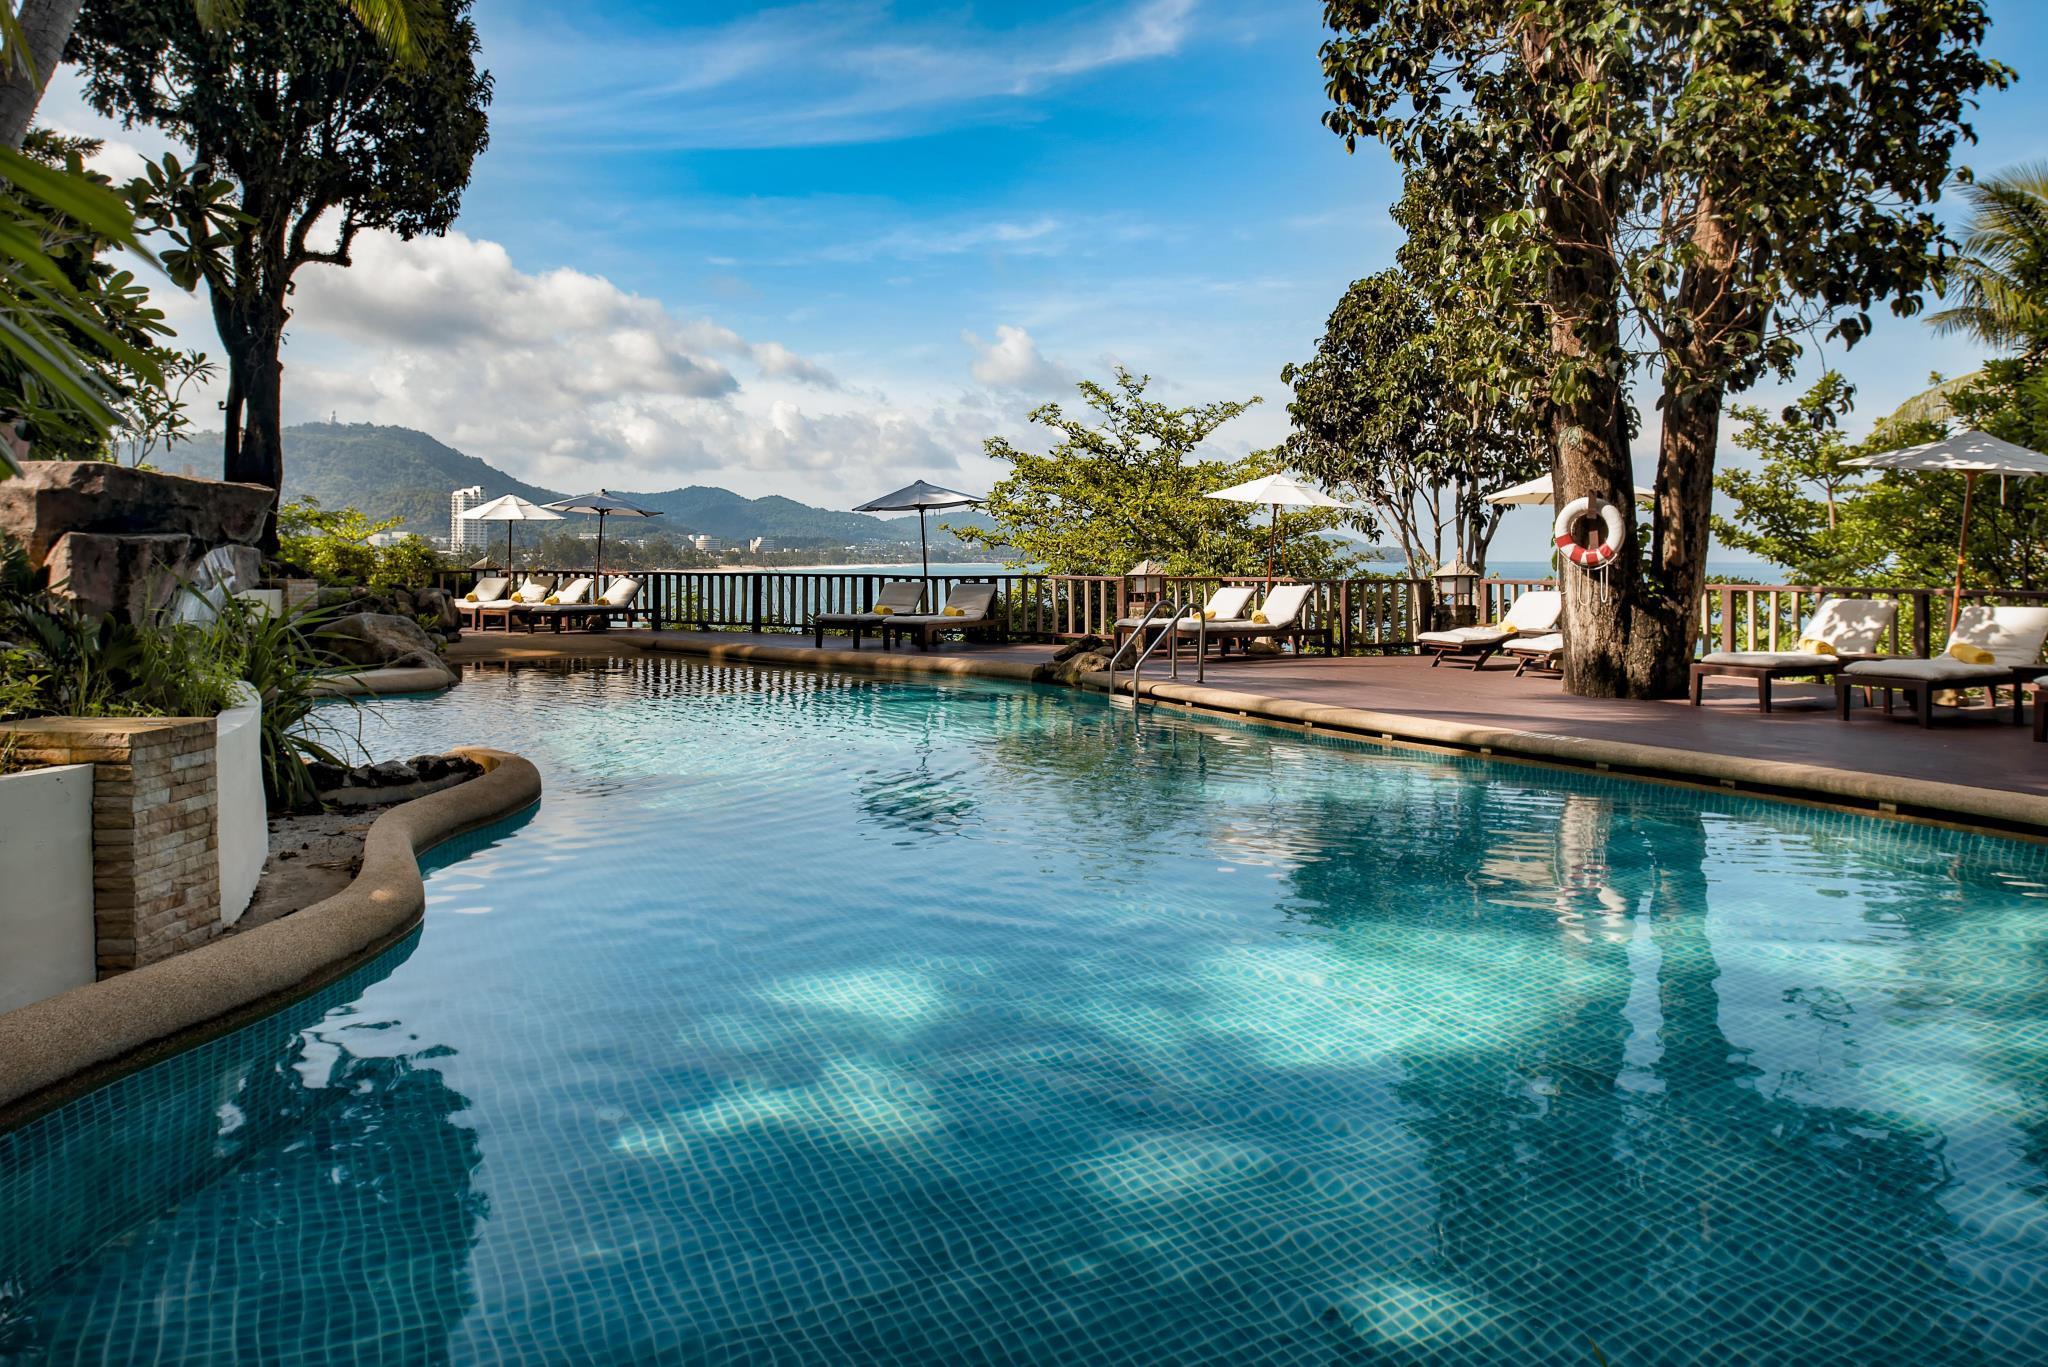 Centara Villas Phuket Hotel